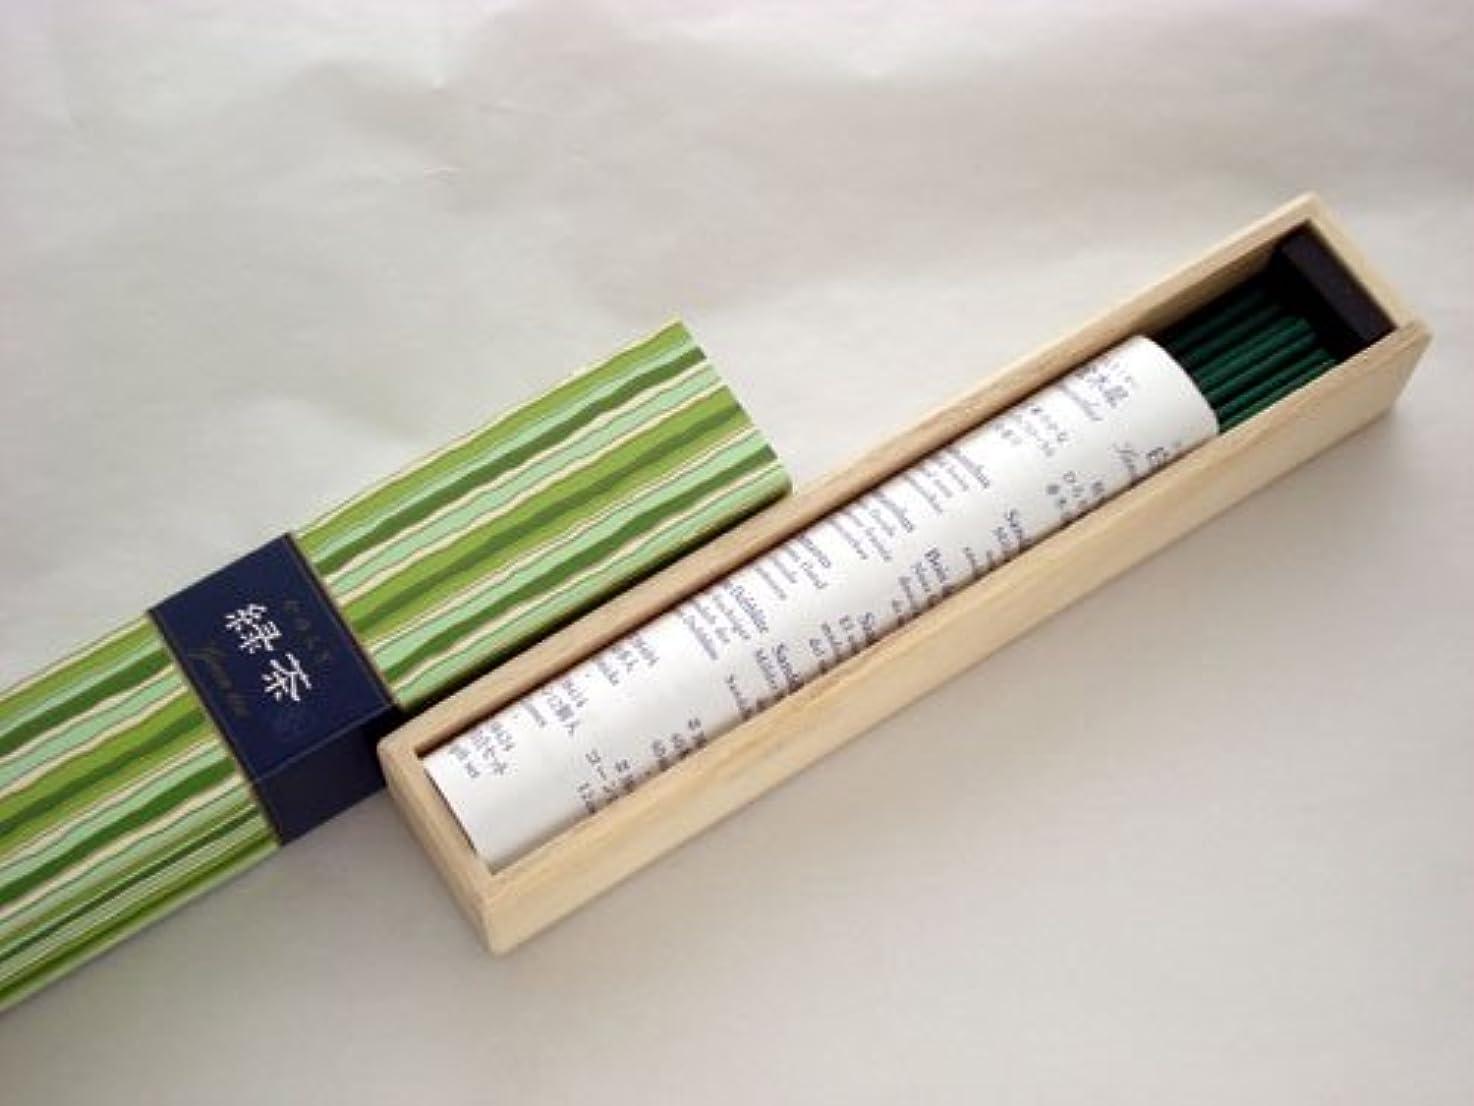 演劇縮れた世紀かゆらぎ スティック 緑茶(りょくちゃ)